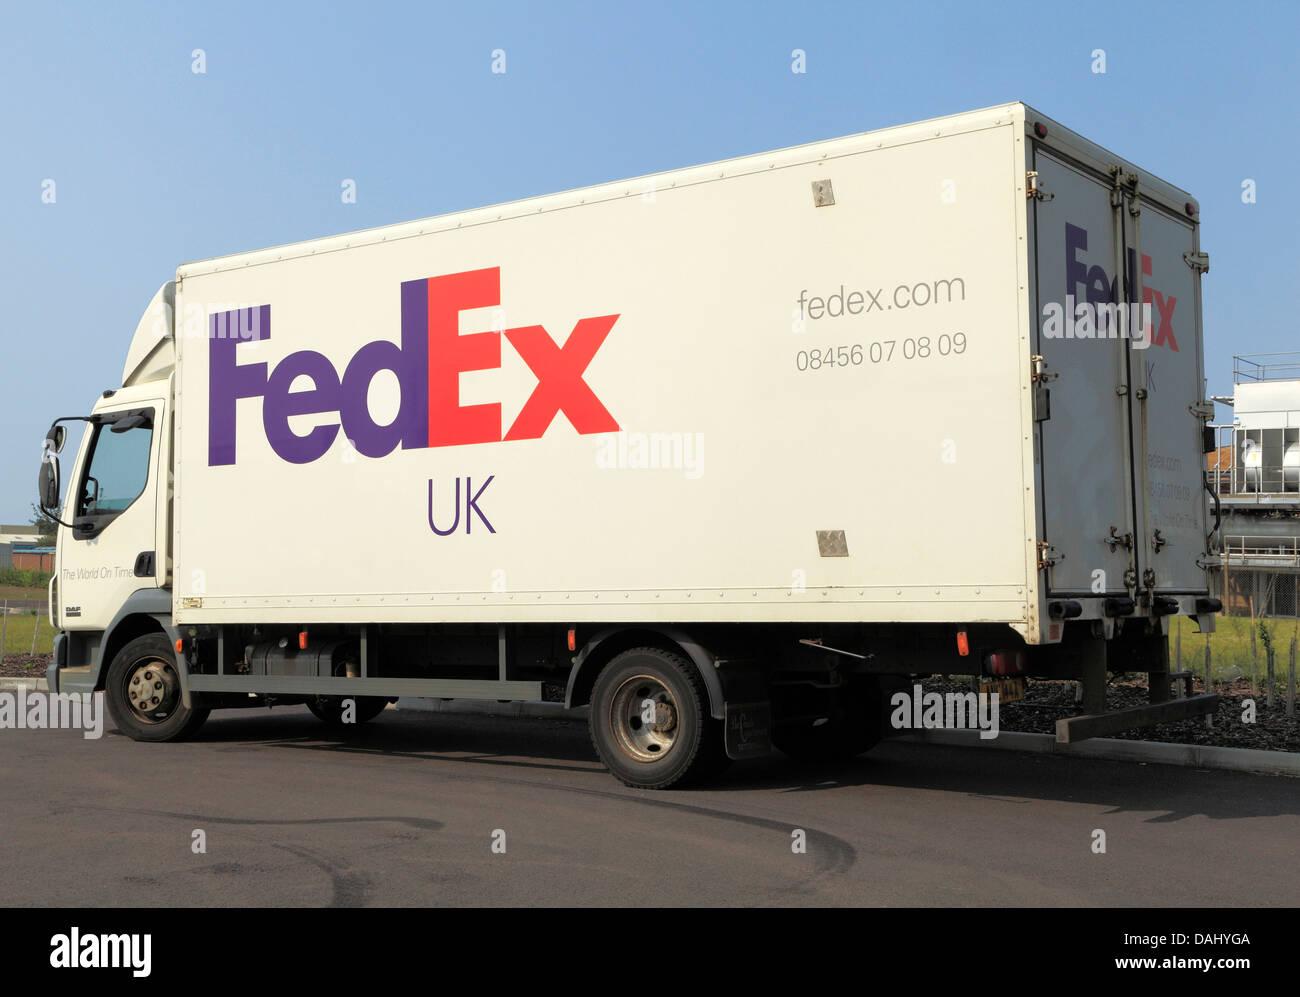 Fed Ex trasporto carrello trasportatore veicolo autocarro Inghilterra UK FedEx logo di segno Immagini Stock